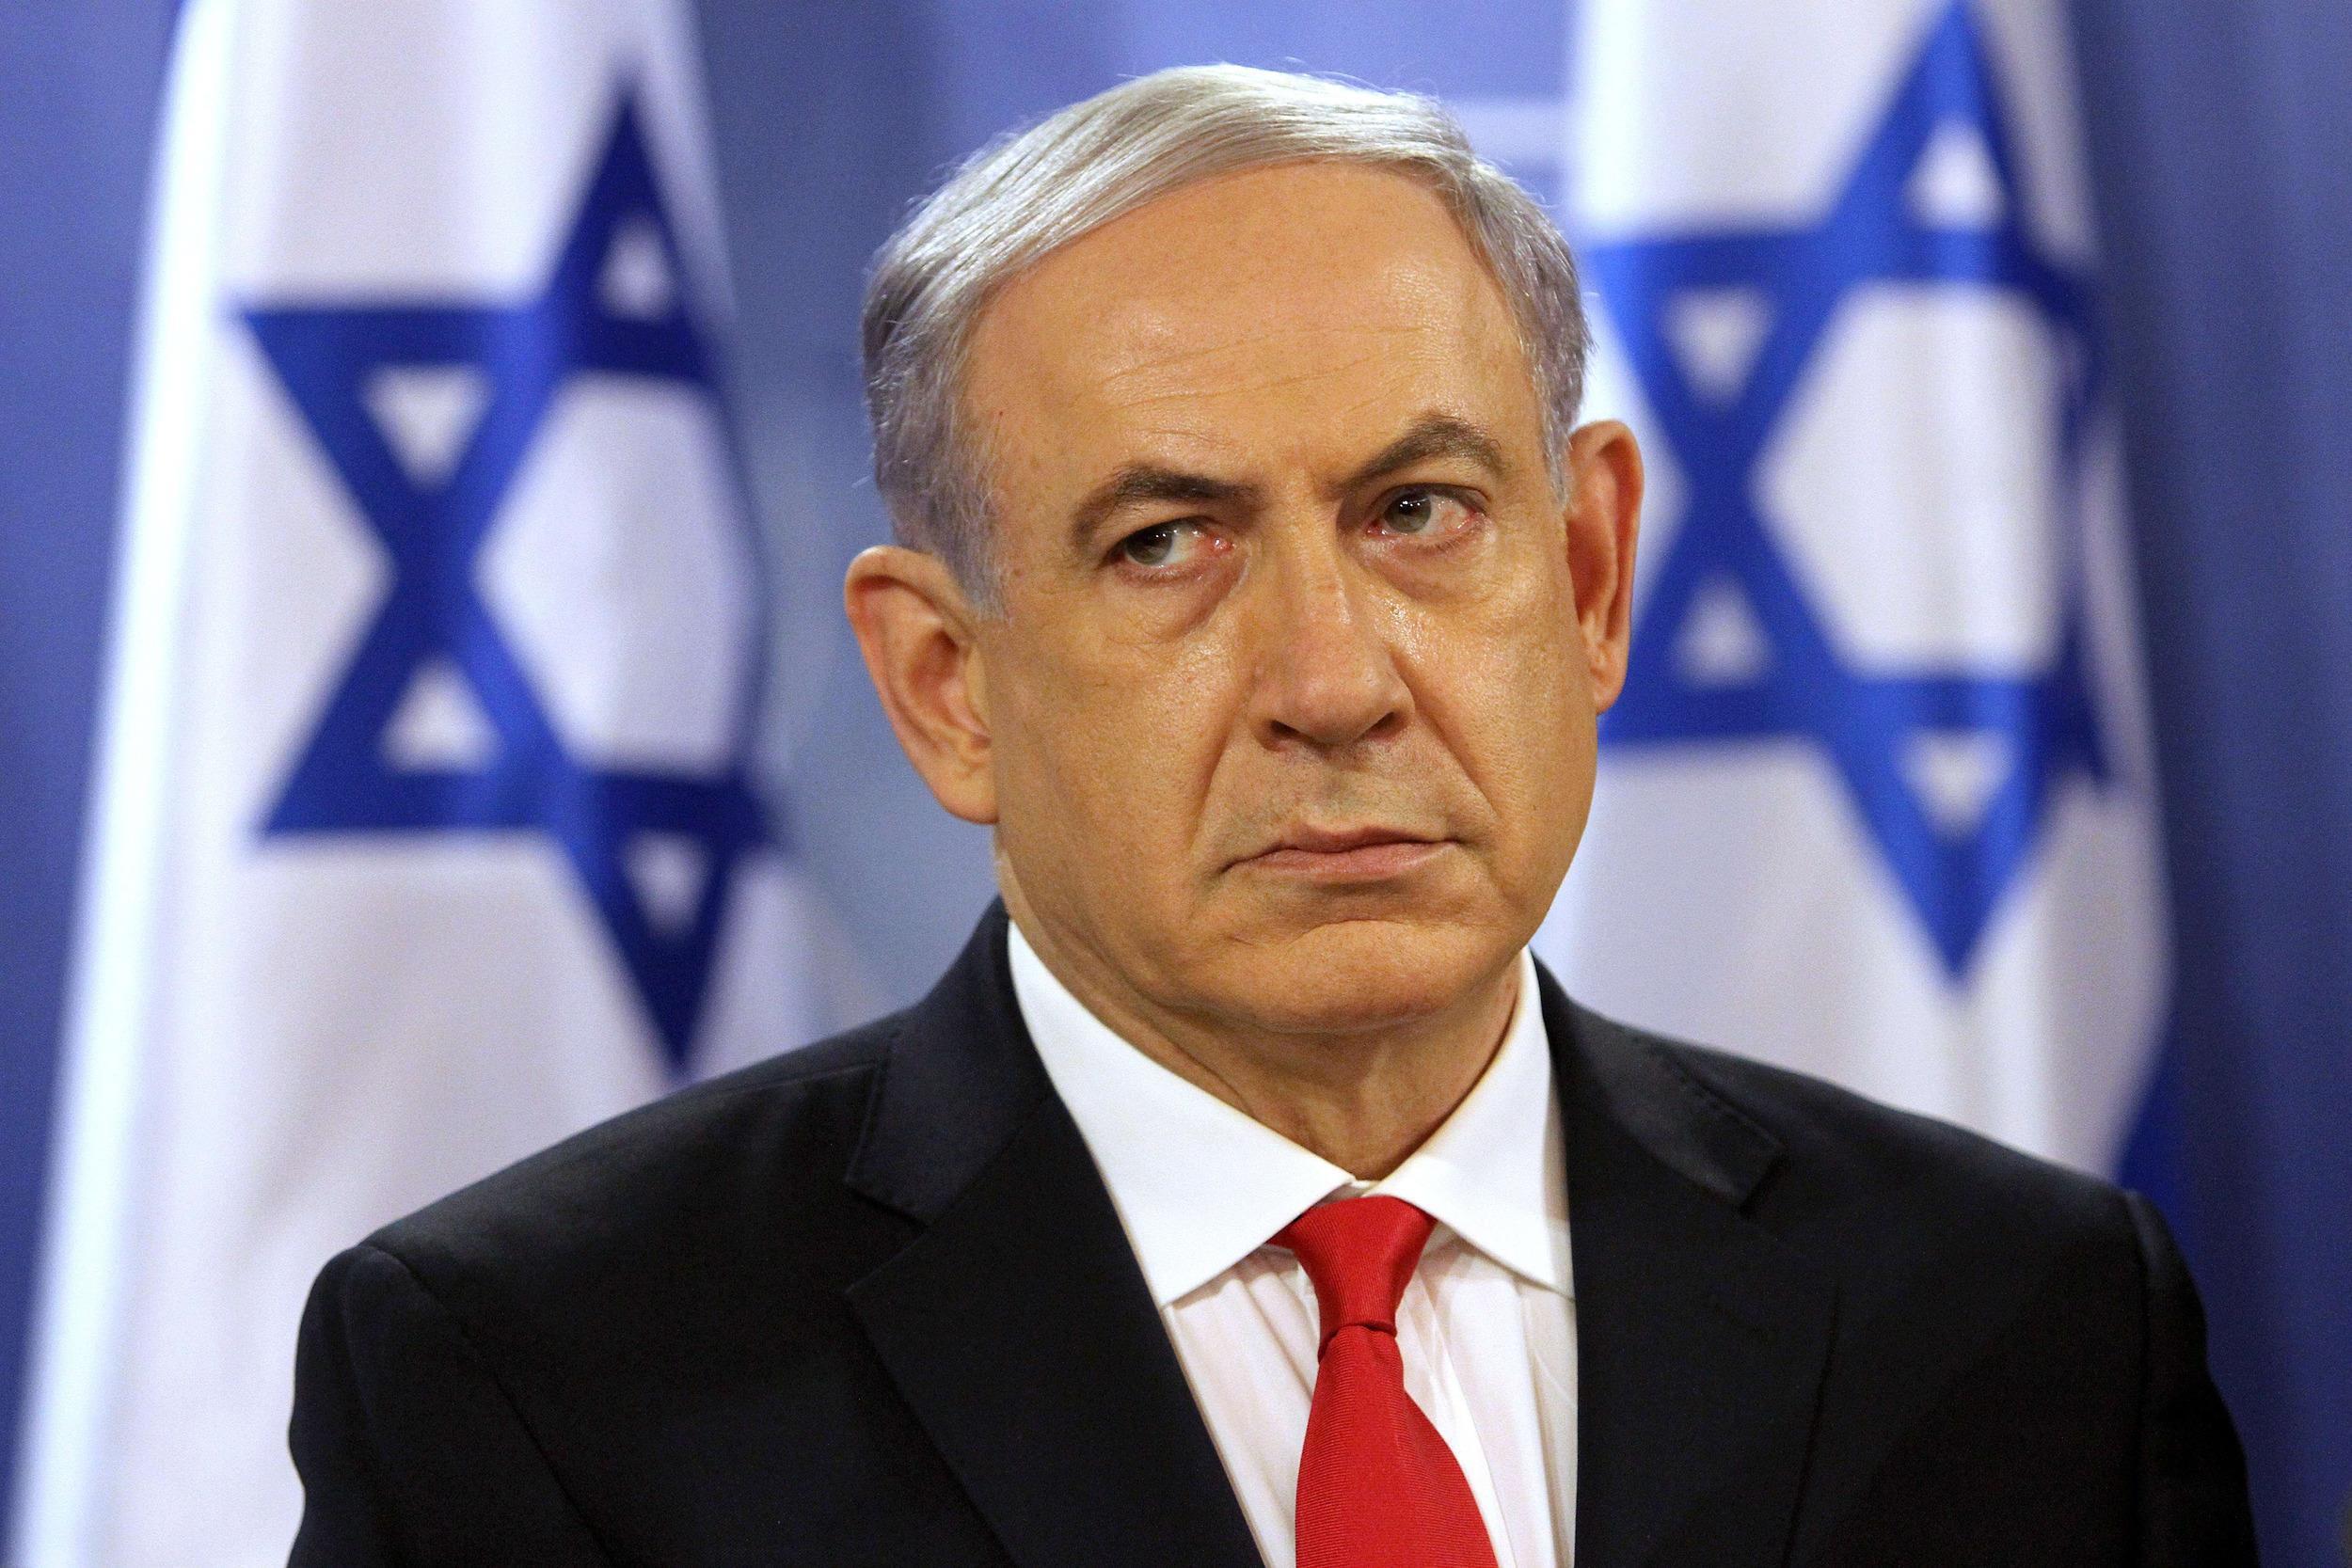 معاهده مخفی نظامی- هسته ای امارات و کره جنوبی/جنجال در پی انتشار اظهارات پسر نتانیاهو درباره پدرش/تصمیم عربستان برای کشتن شماری از شاهزادههای سعودی/ احضار سفرای ایران و روسیه توسط ترکیه